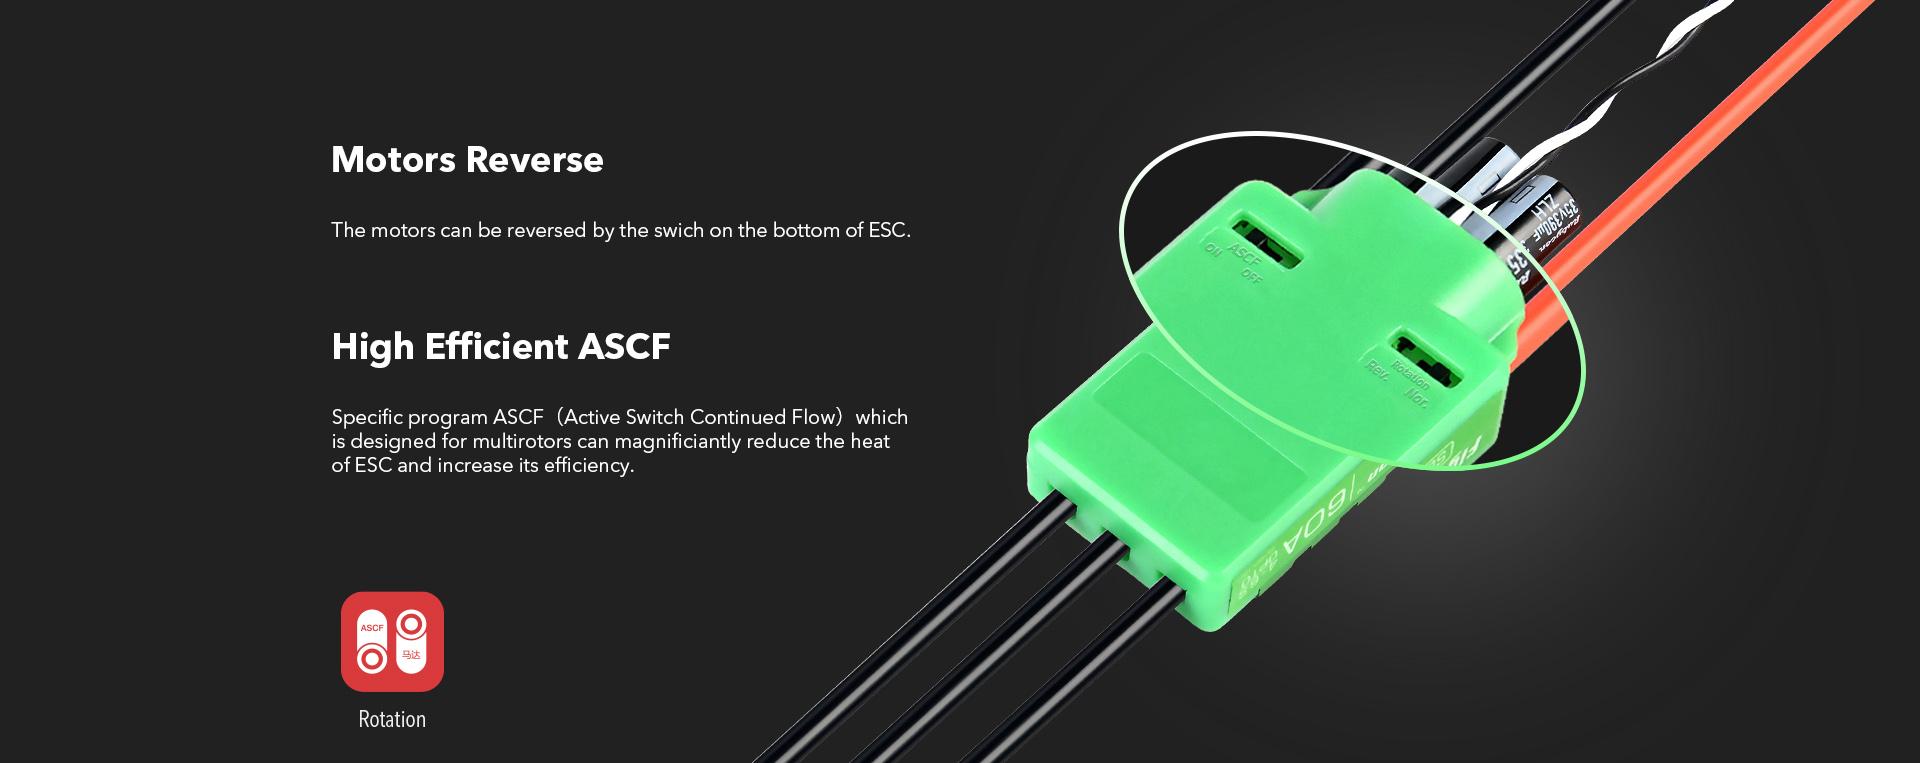 img-3-功能转换ASCF.jpg